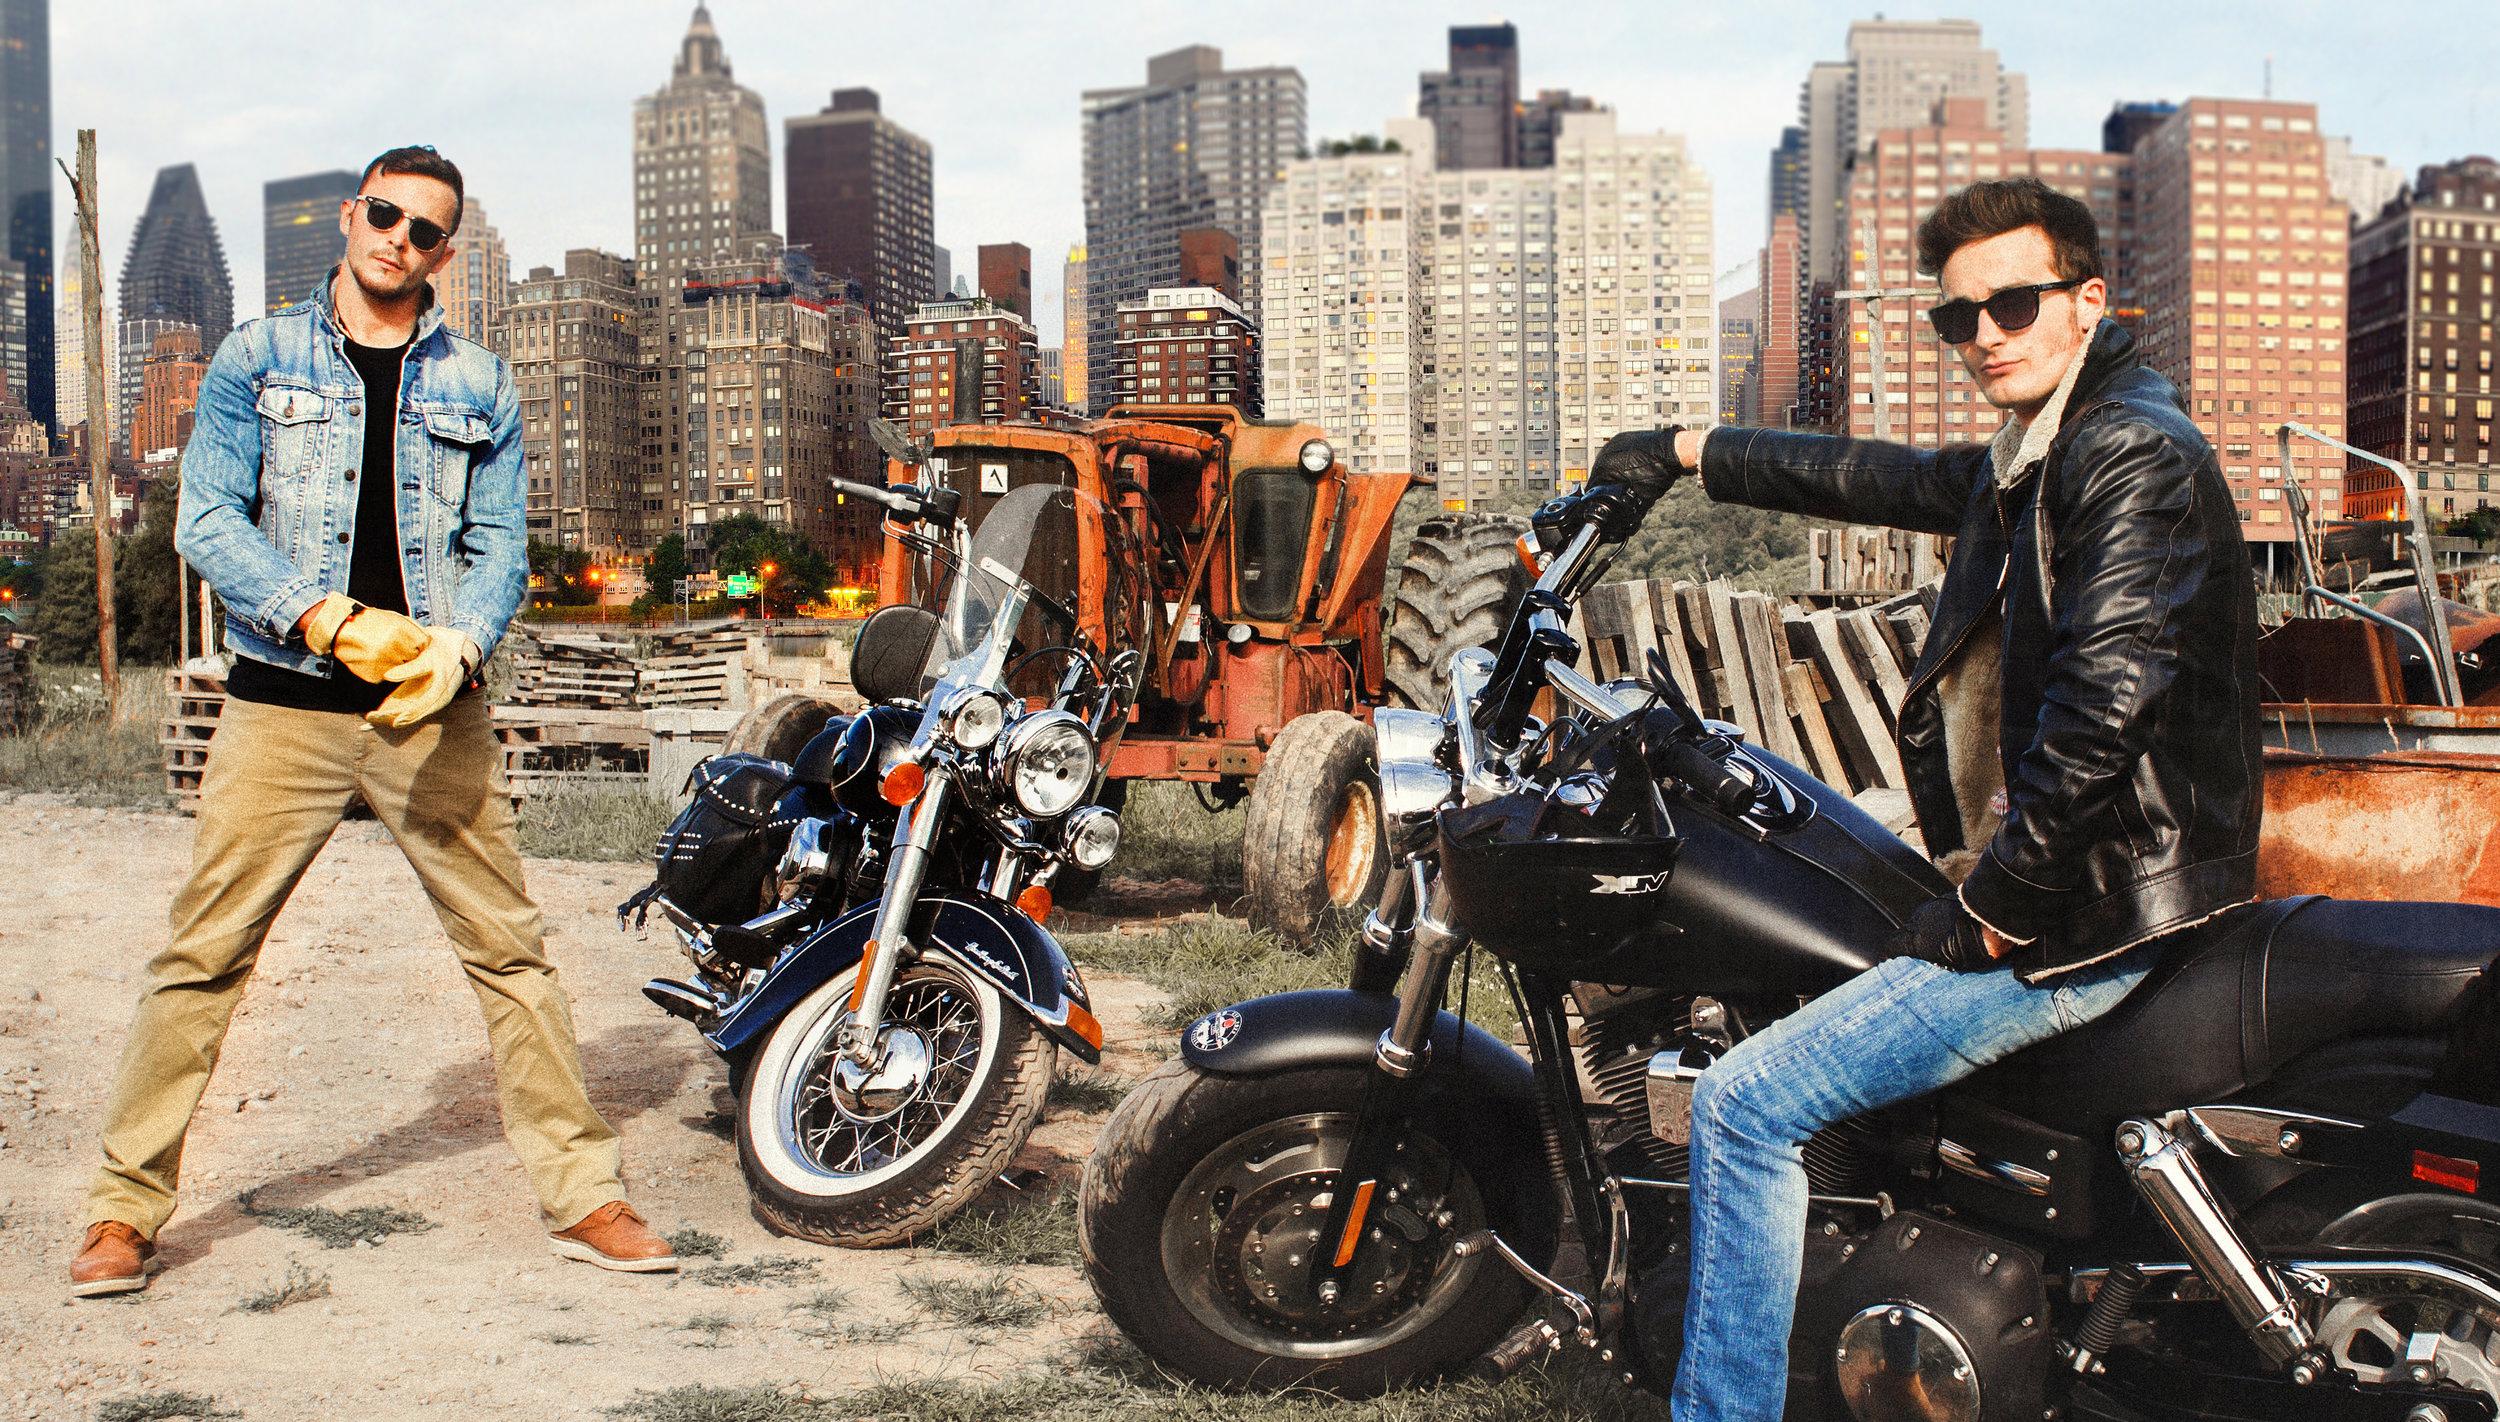 Экскурсия по Нью-Йорку на мотоциклах Harley Davidson.jpg